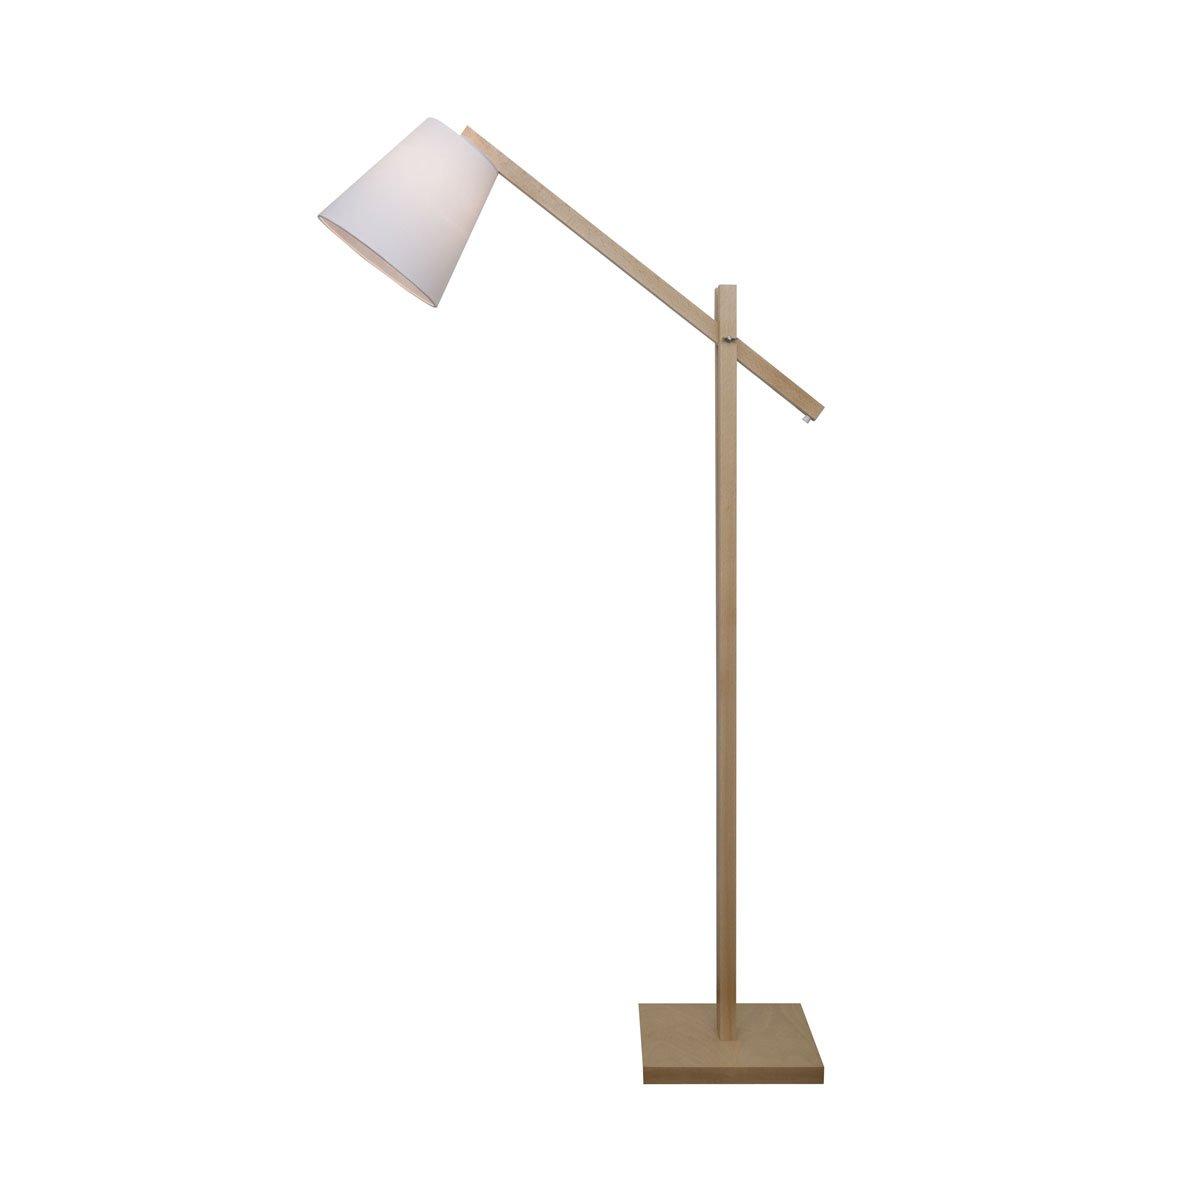 standing-lamp-photo-16